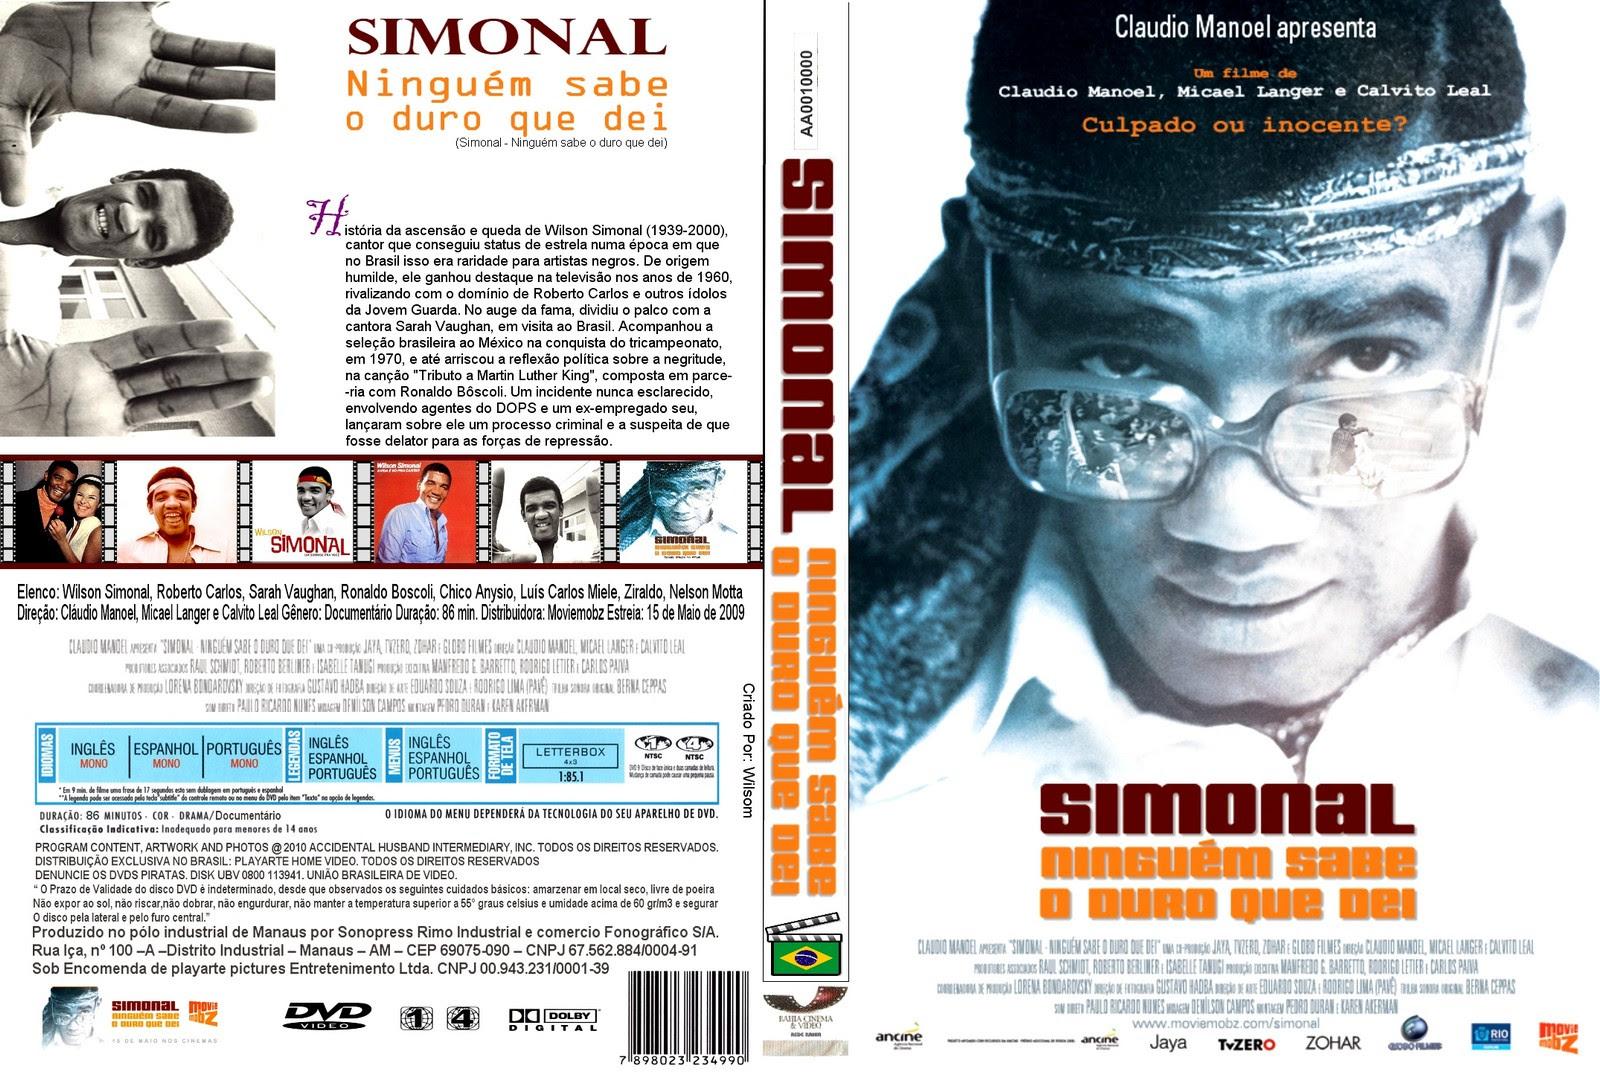 Resultado de imagem para Simonal - Ninguém Sabe o Duro que Dei download